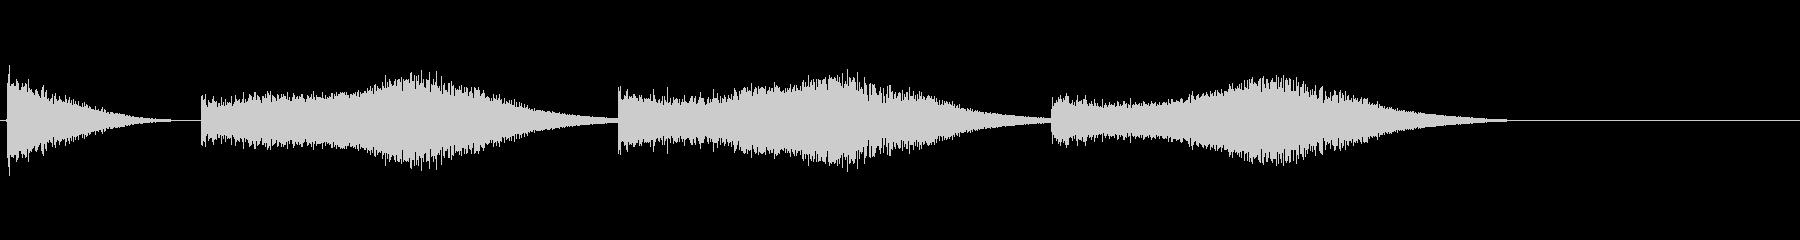 レーザーブラスト、ロング2の未再生の波形